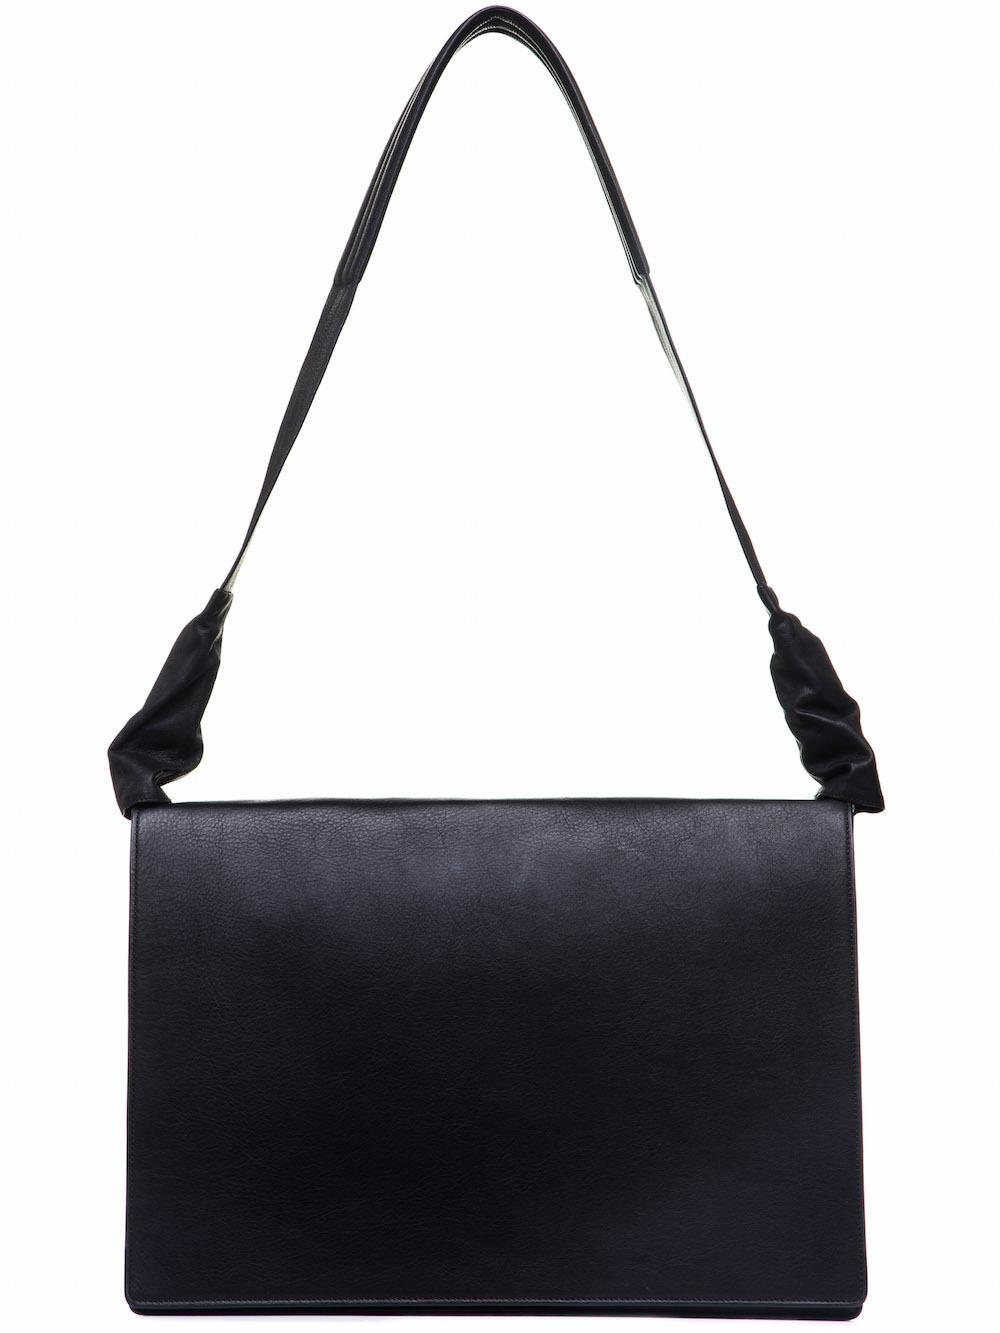 BAGS - Work Bags Rick Owens bLF1B